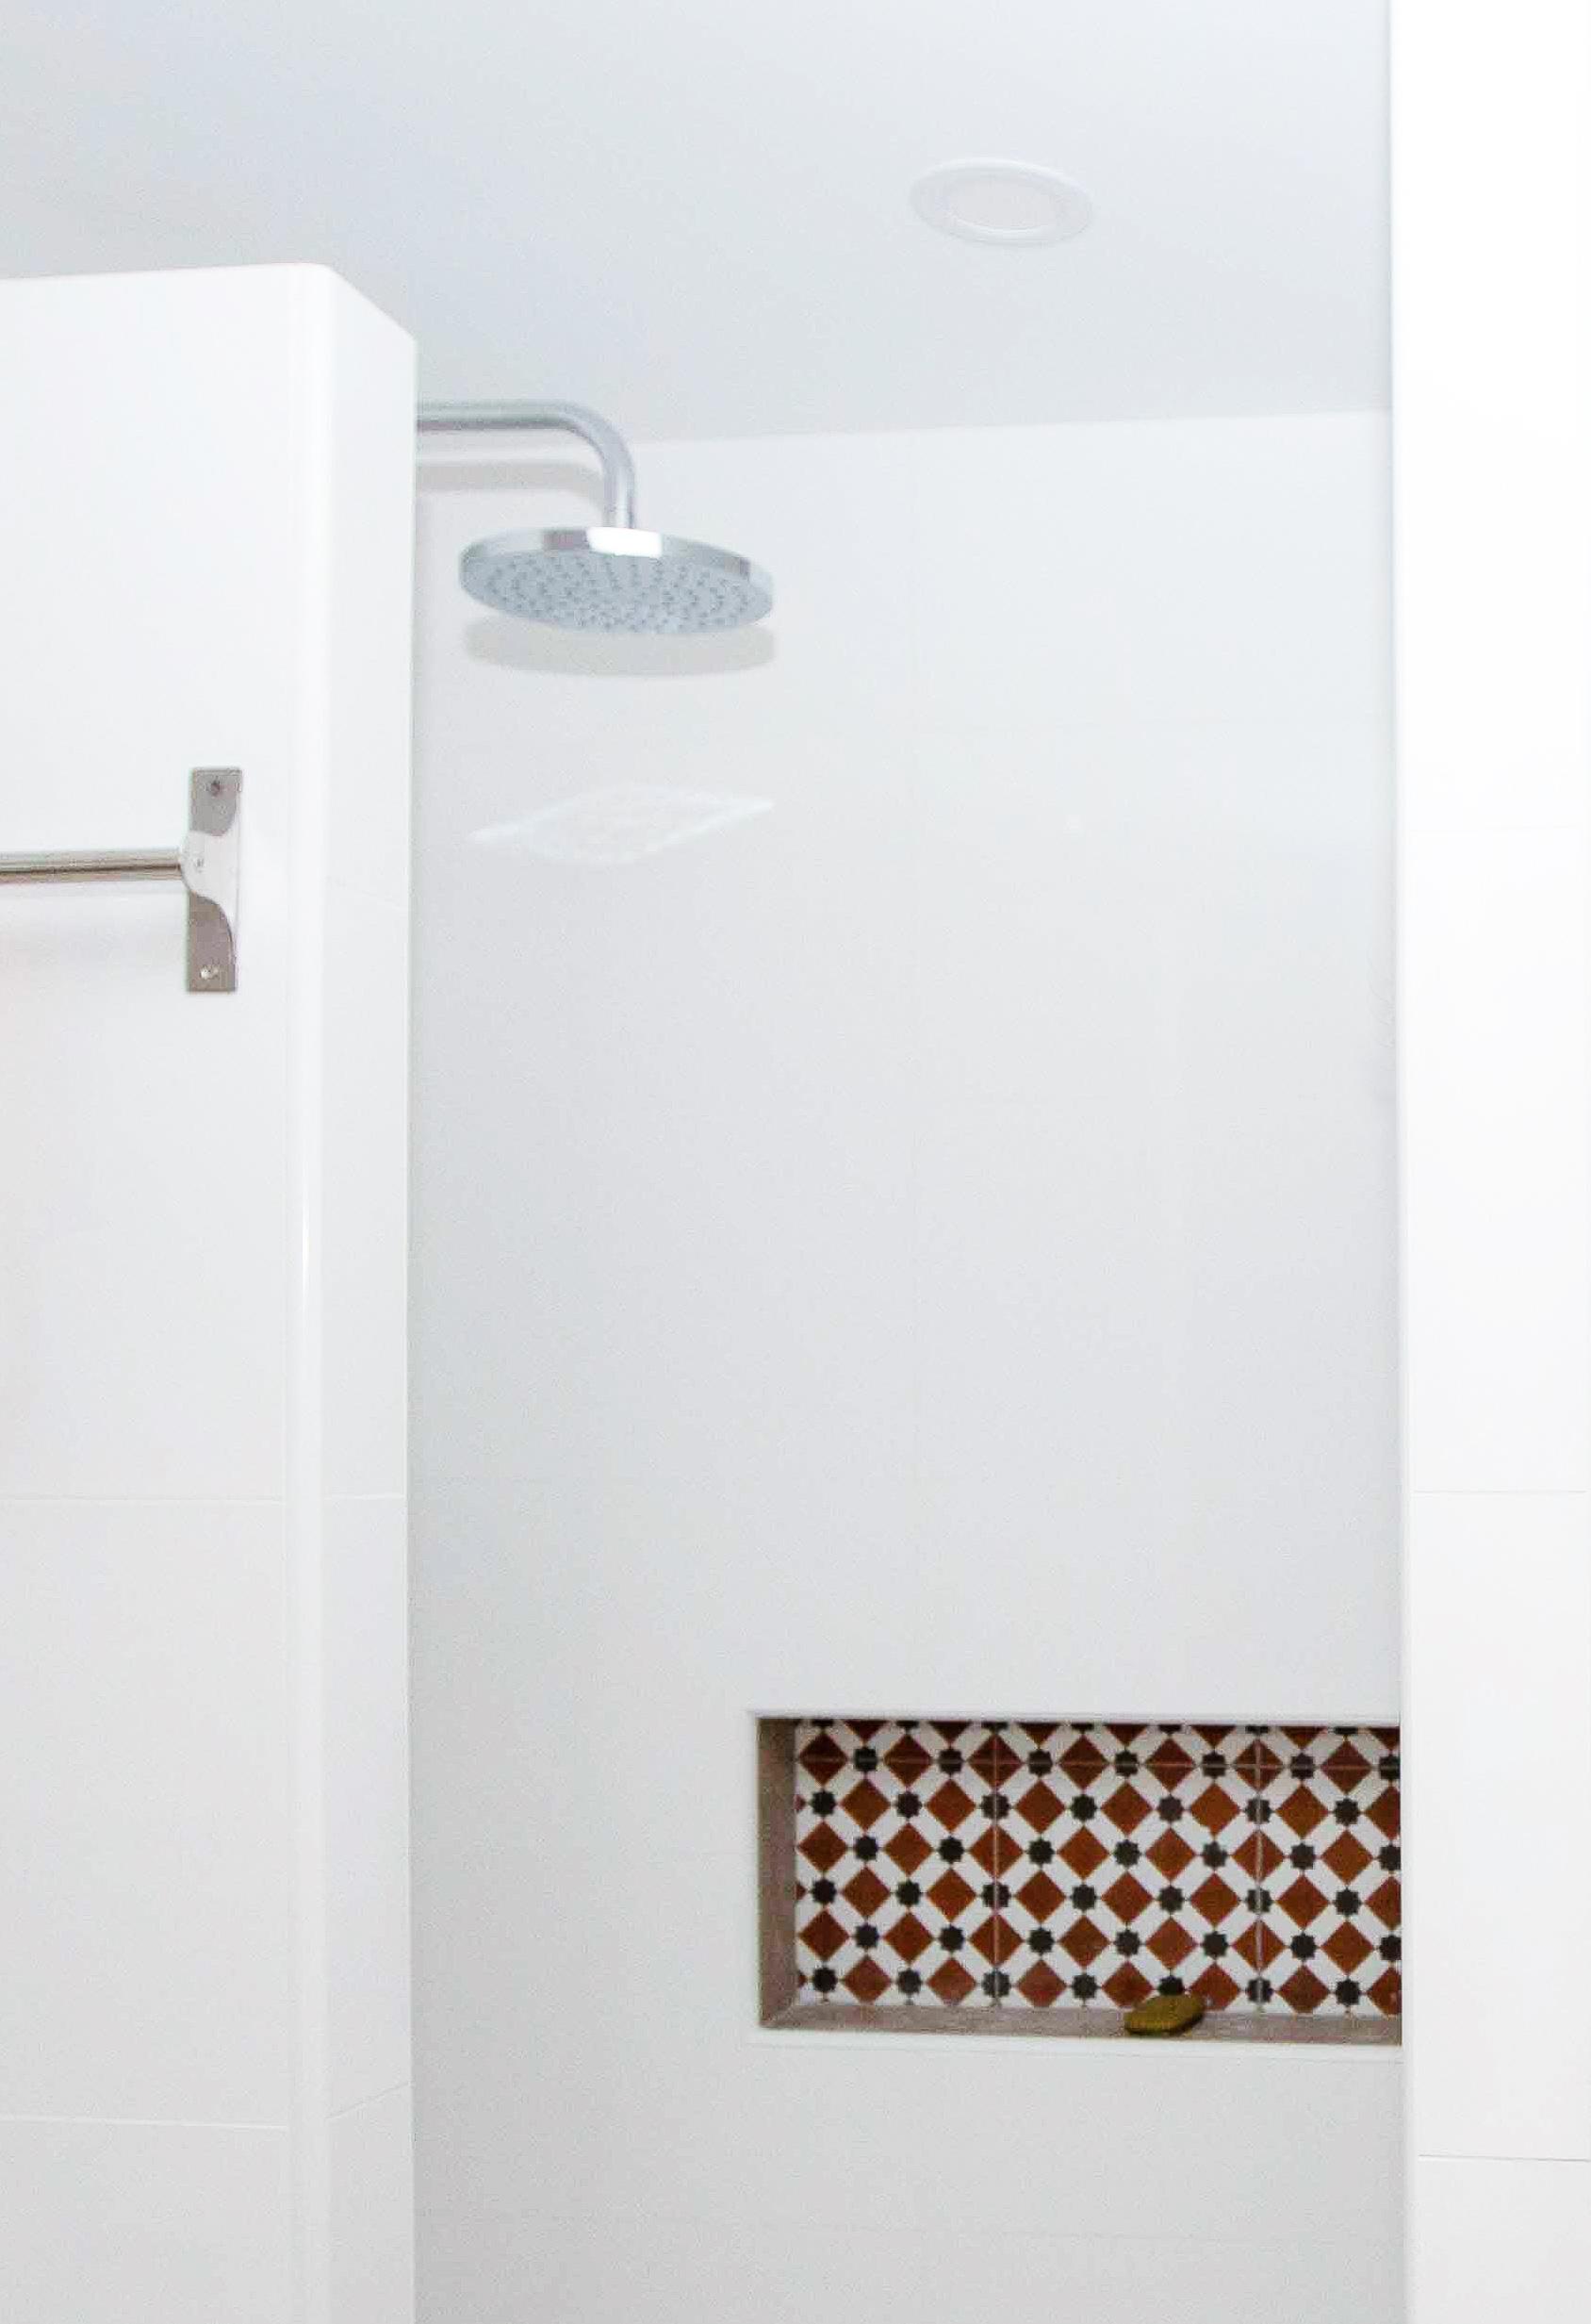 douche salle de bain niche agencement décoration architecture d'intérieur pommeau pluie de tête